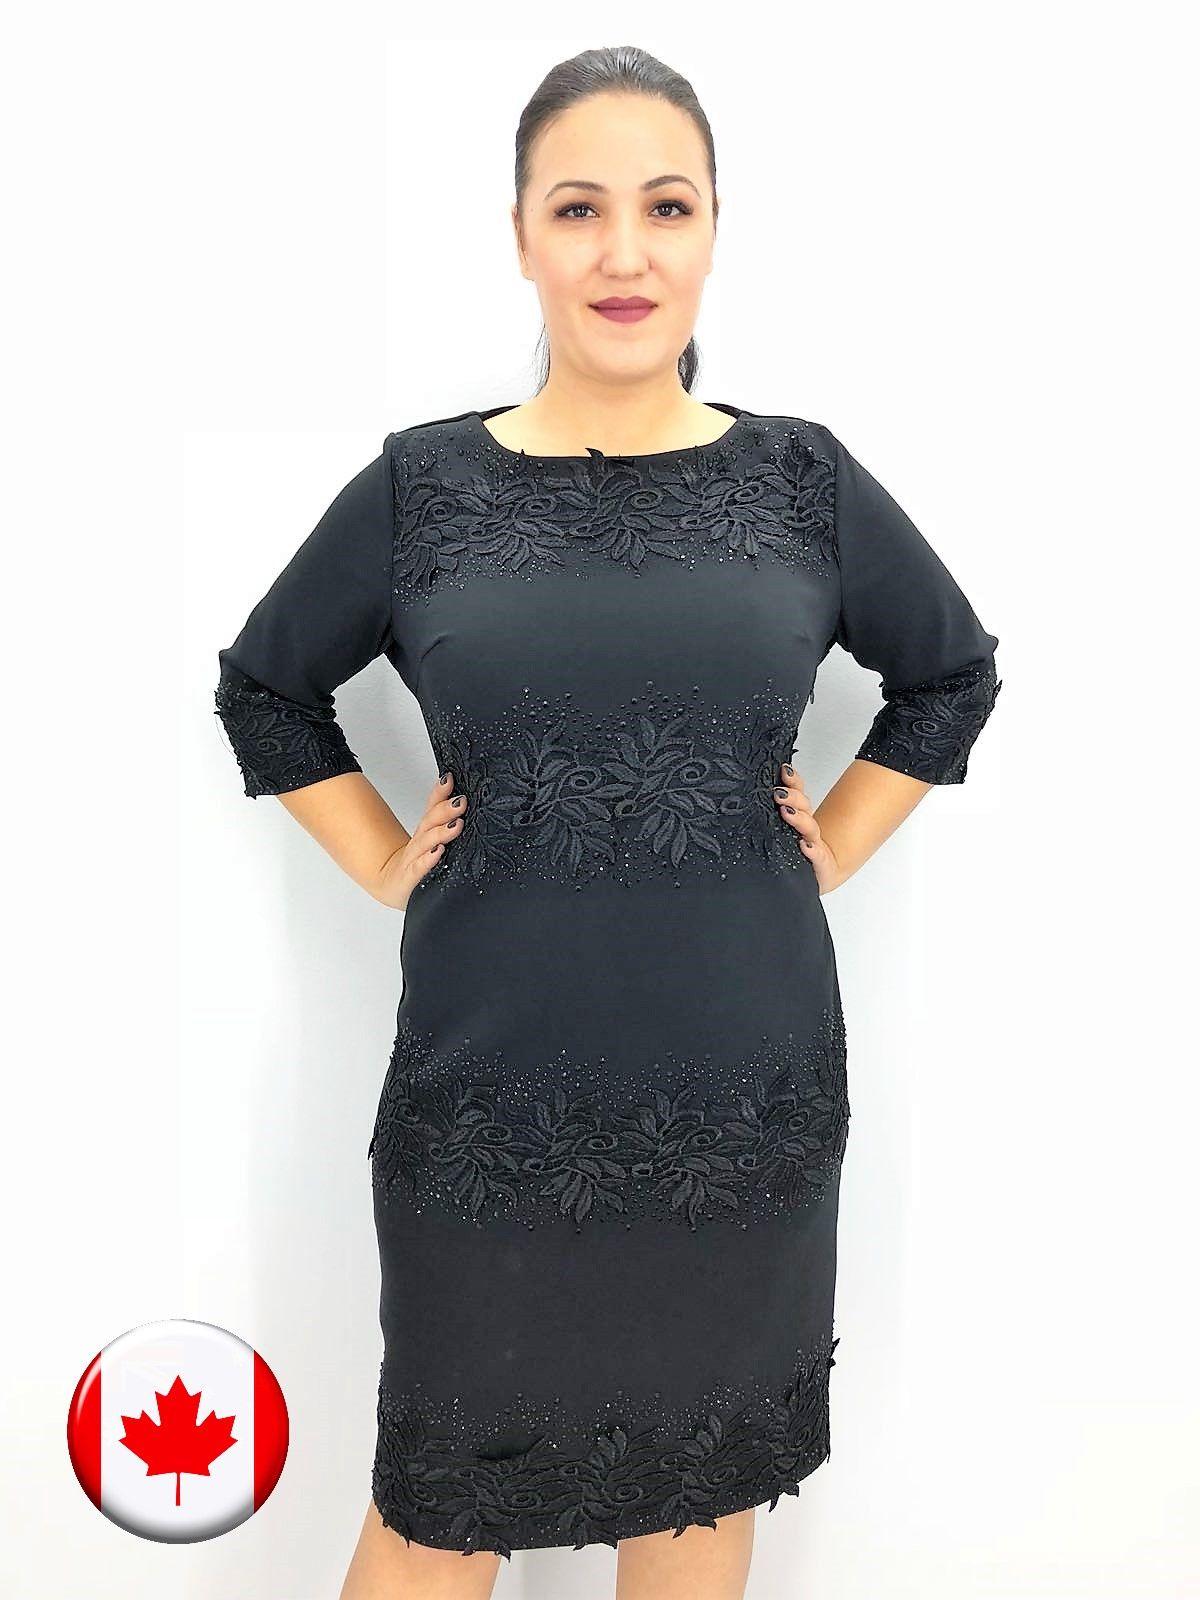 80329f0c5b6 Магазин женской одежды в Сочи КАНАДА - нарядные платья